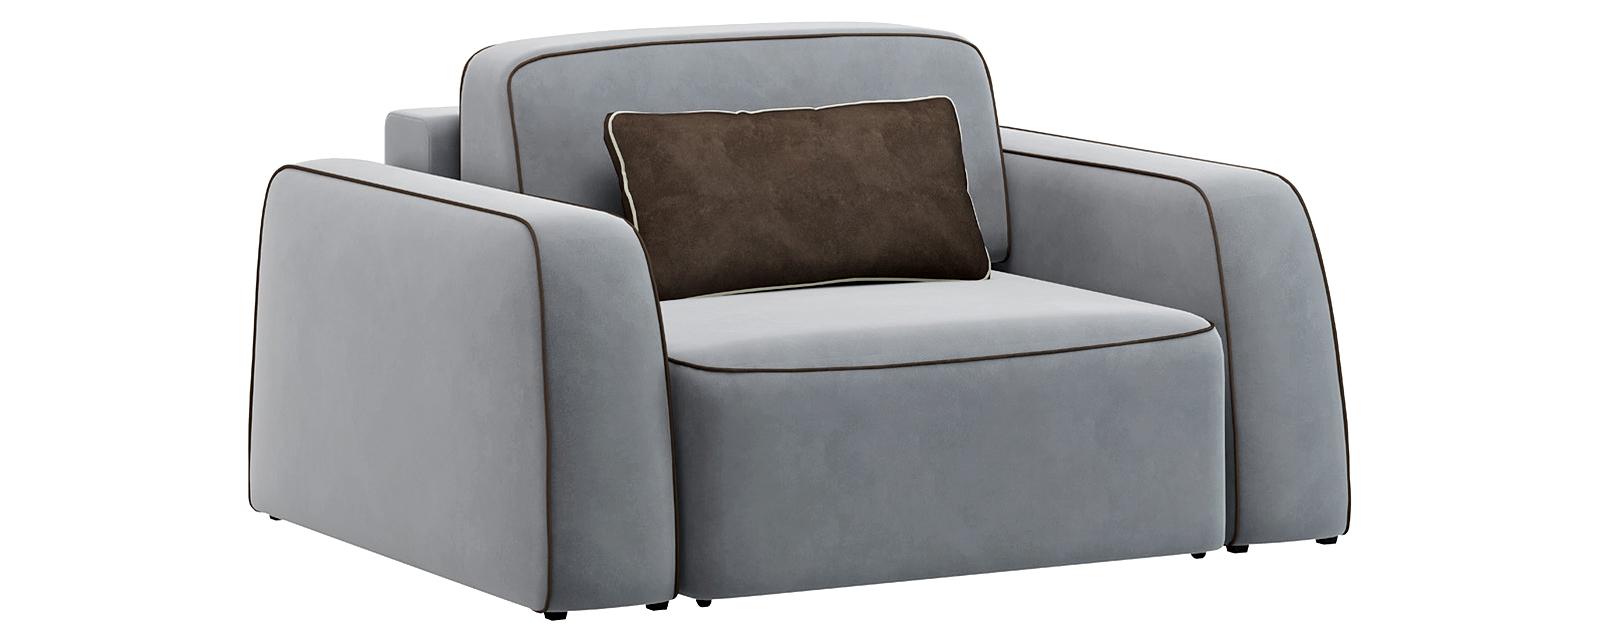 Кресло тканевое Портленд 100 см Velutto серый/темно-коричневый (Велюр)